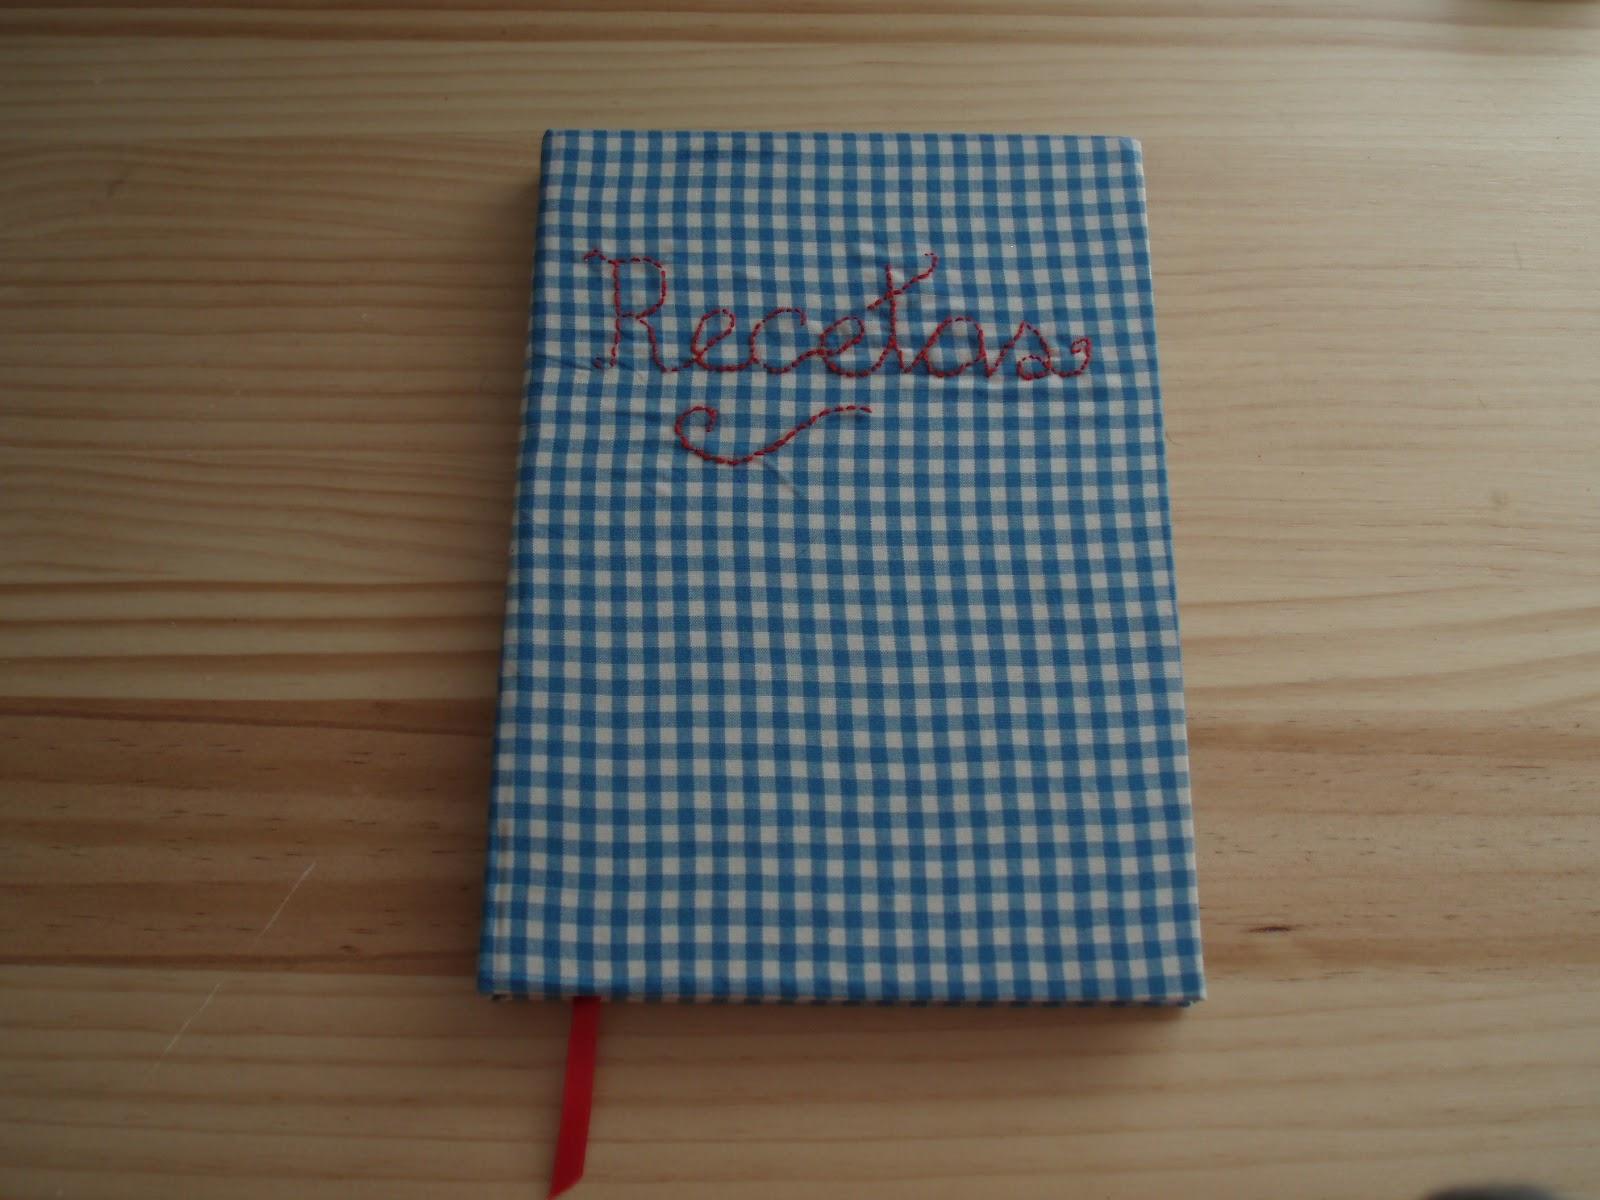 Artesan as leomar cuadernos de papel y tela 1 - Papel y telas ...